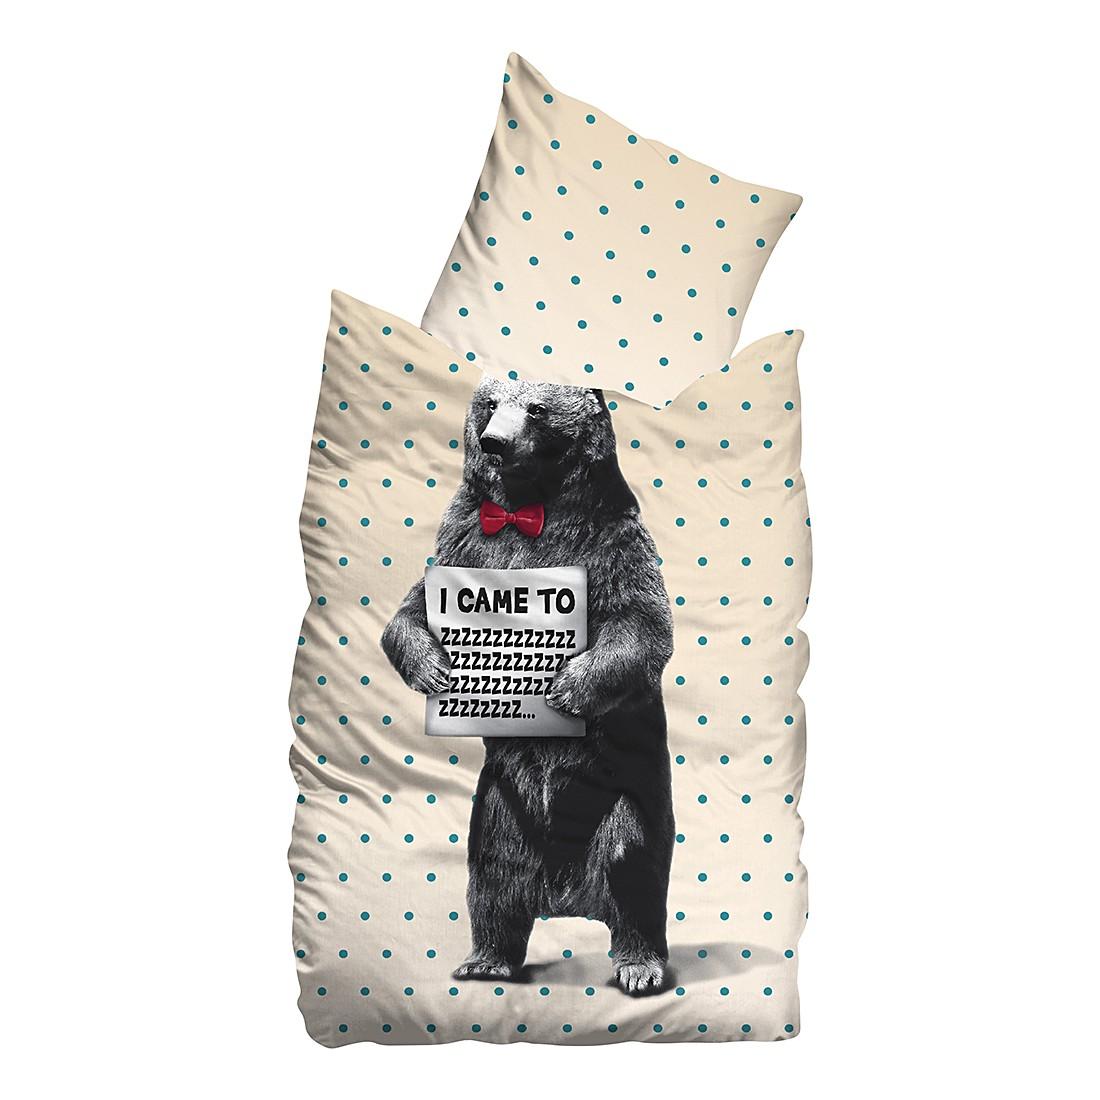 Linon Bettwäsche Ruben – Beige – 155 x 220 cm + Kissen 80 x 80 cm, Sueños jetzt bestellen